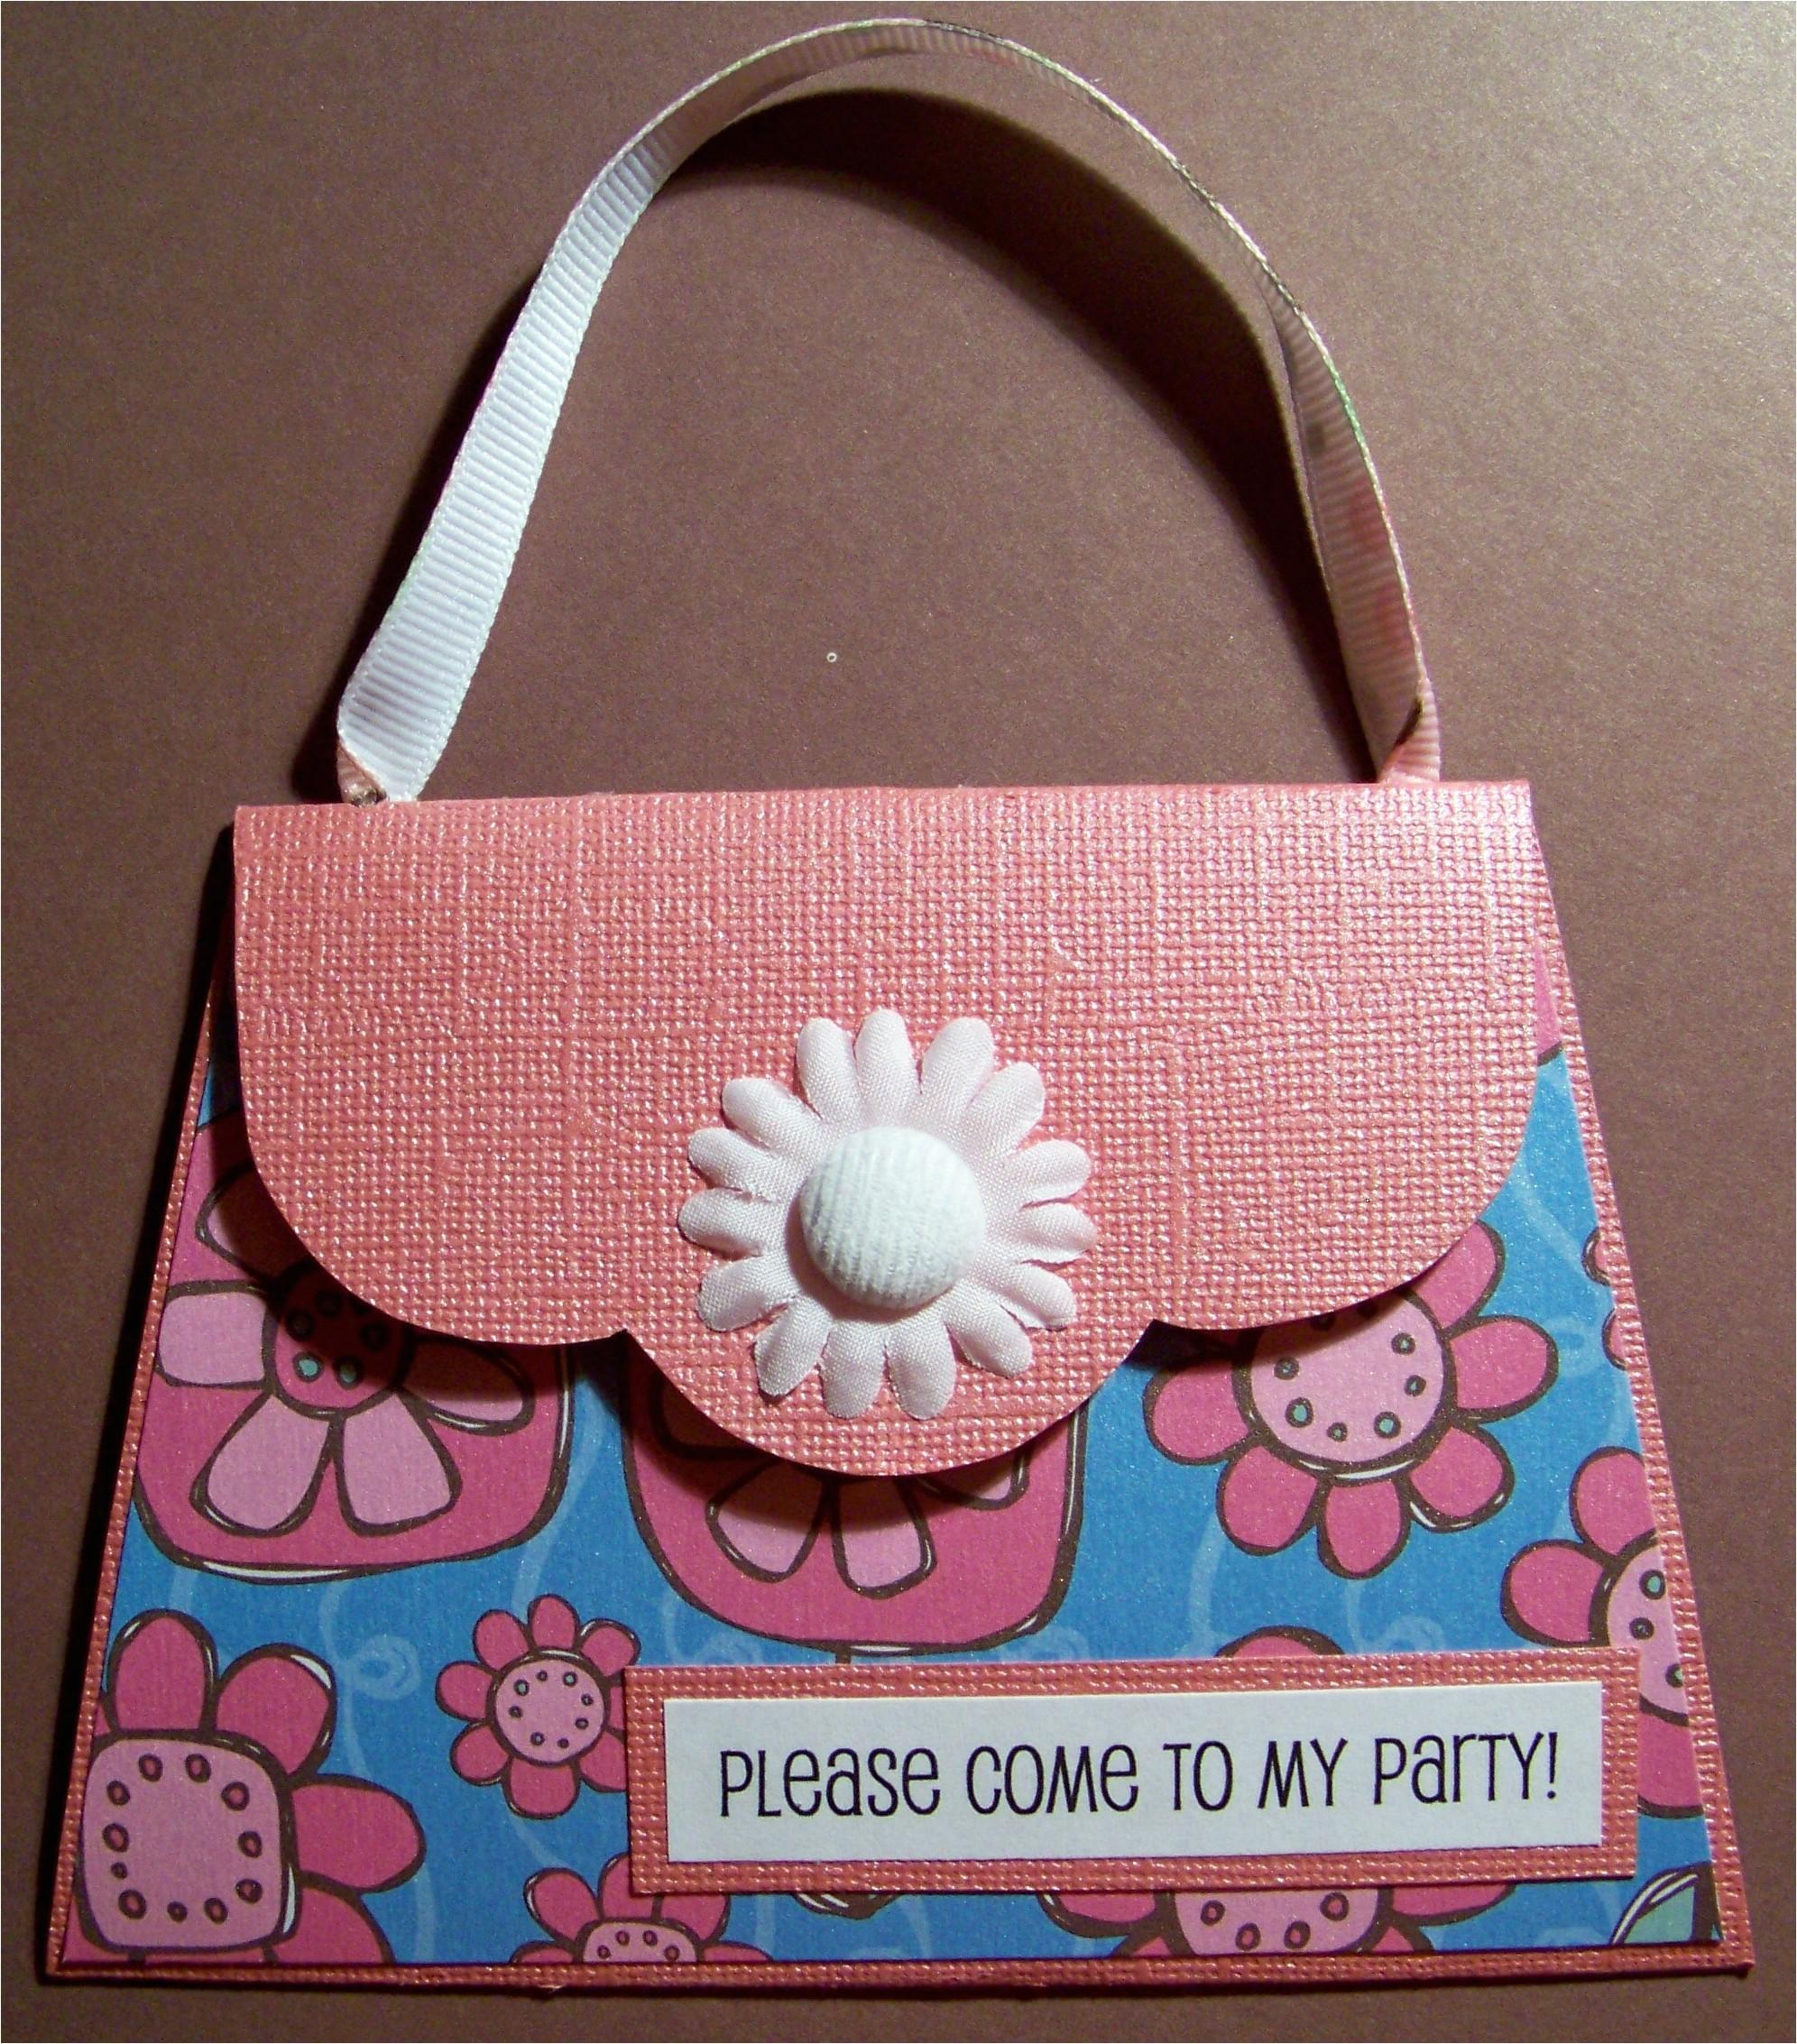 purse invitations for a customer